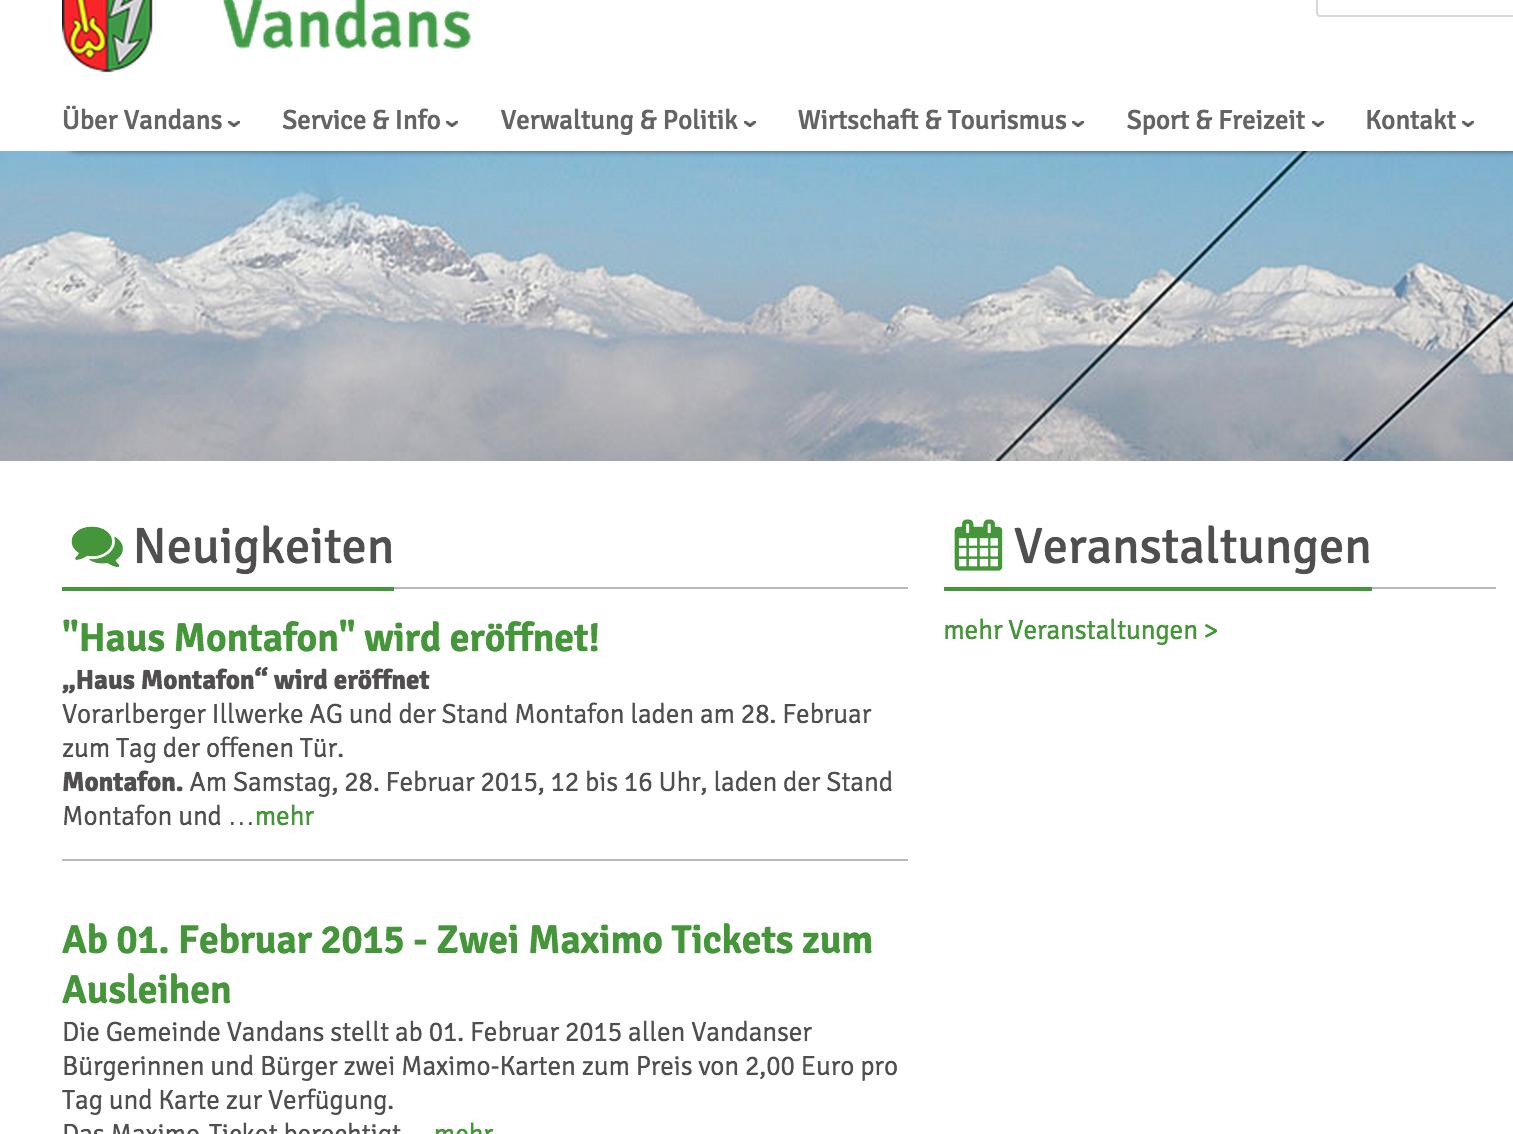 Die neue Homepage der Gemeinde Vandans ist sehr informativ und optisch ein echter